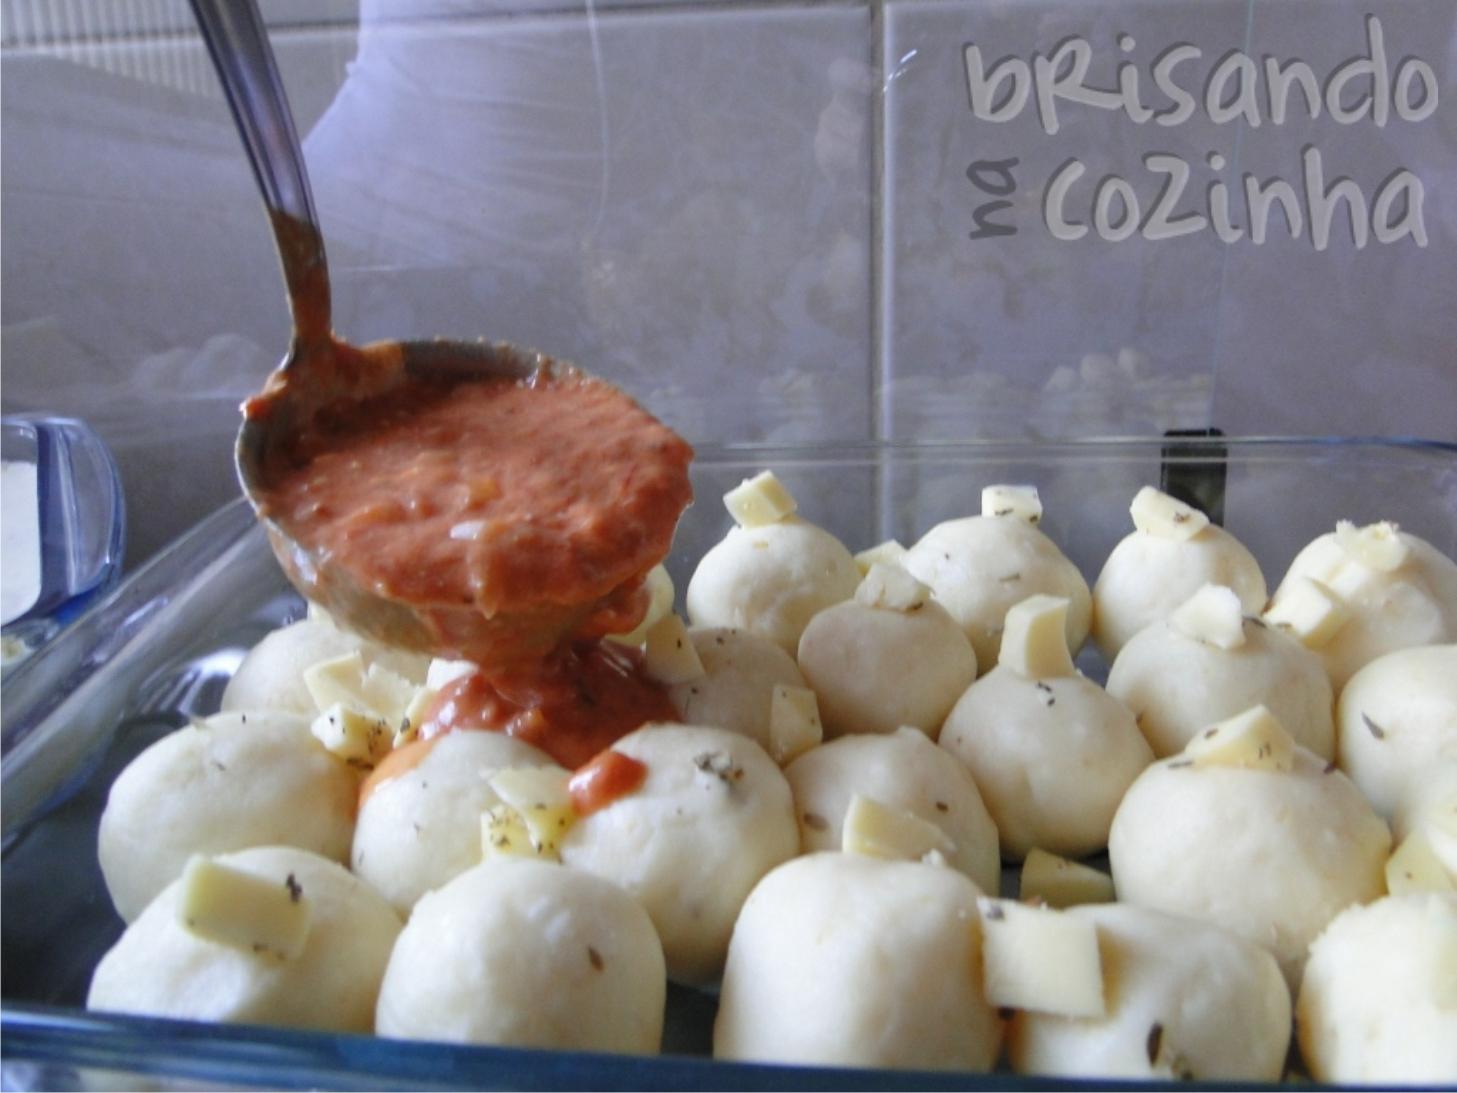 http://www.brisandonacozinha.com/2011/04/nhocao-recheado-com-queijo.html